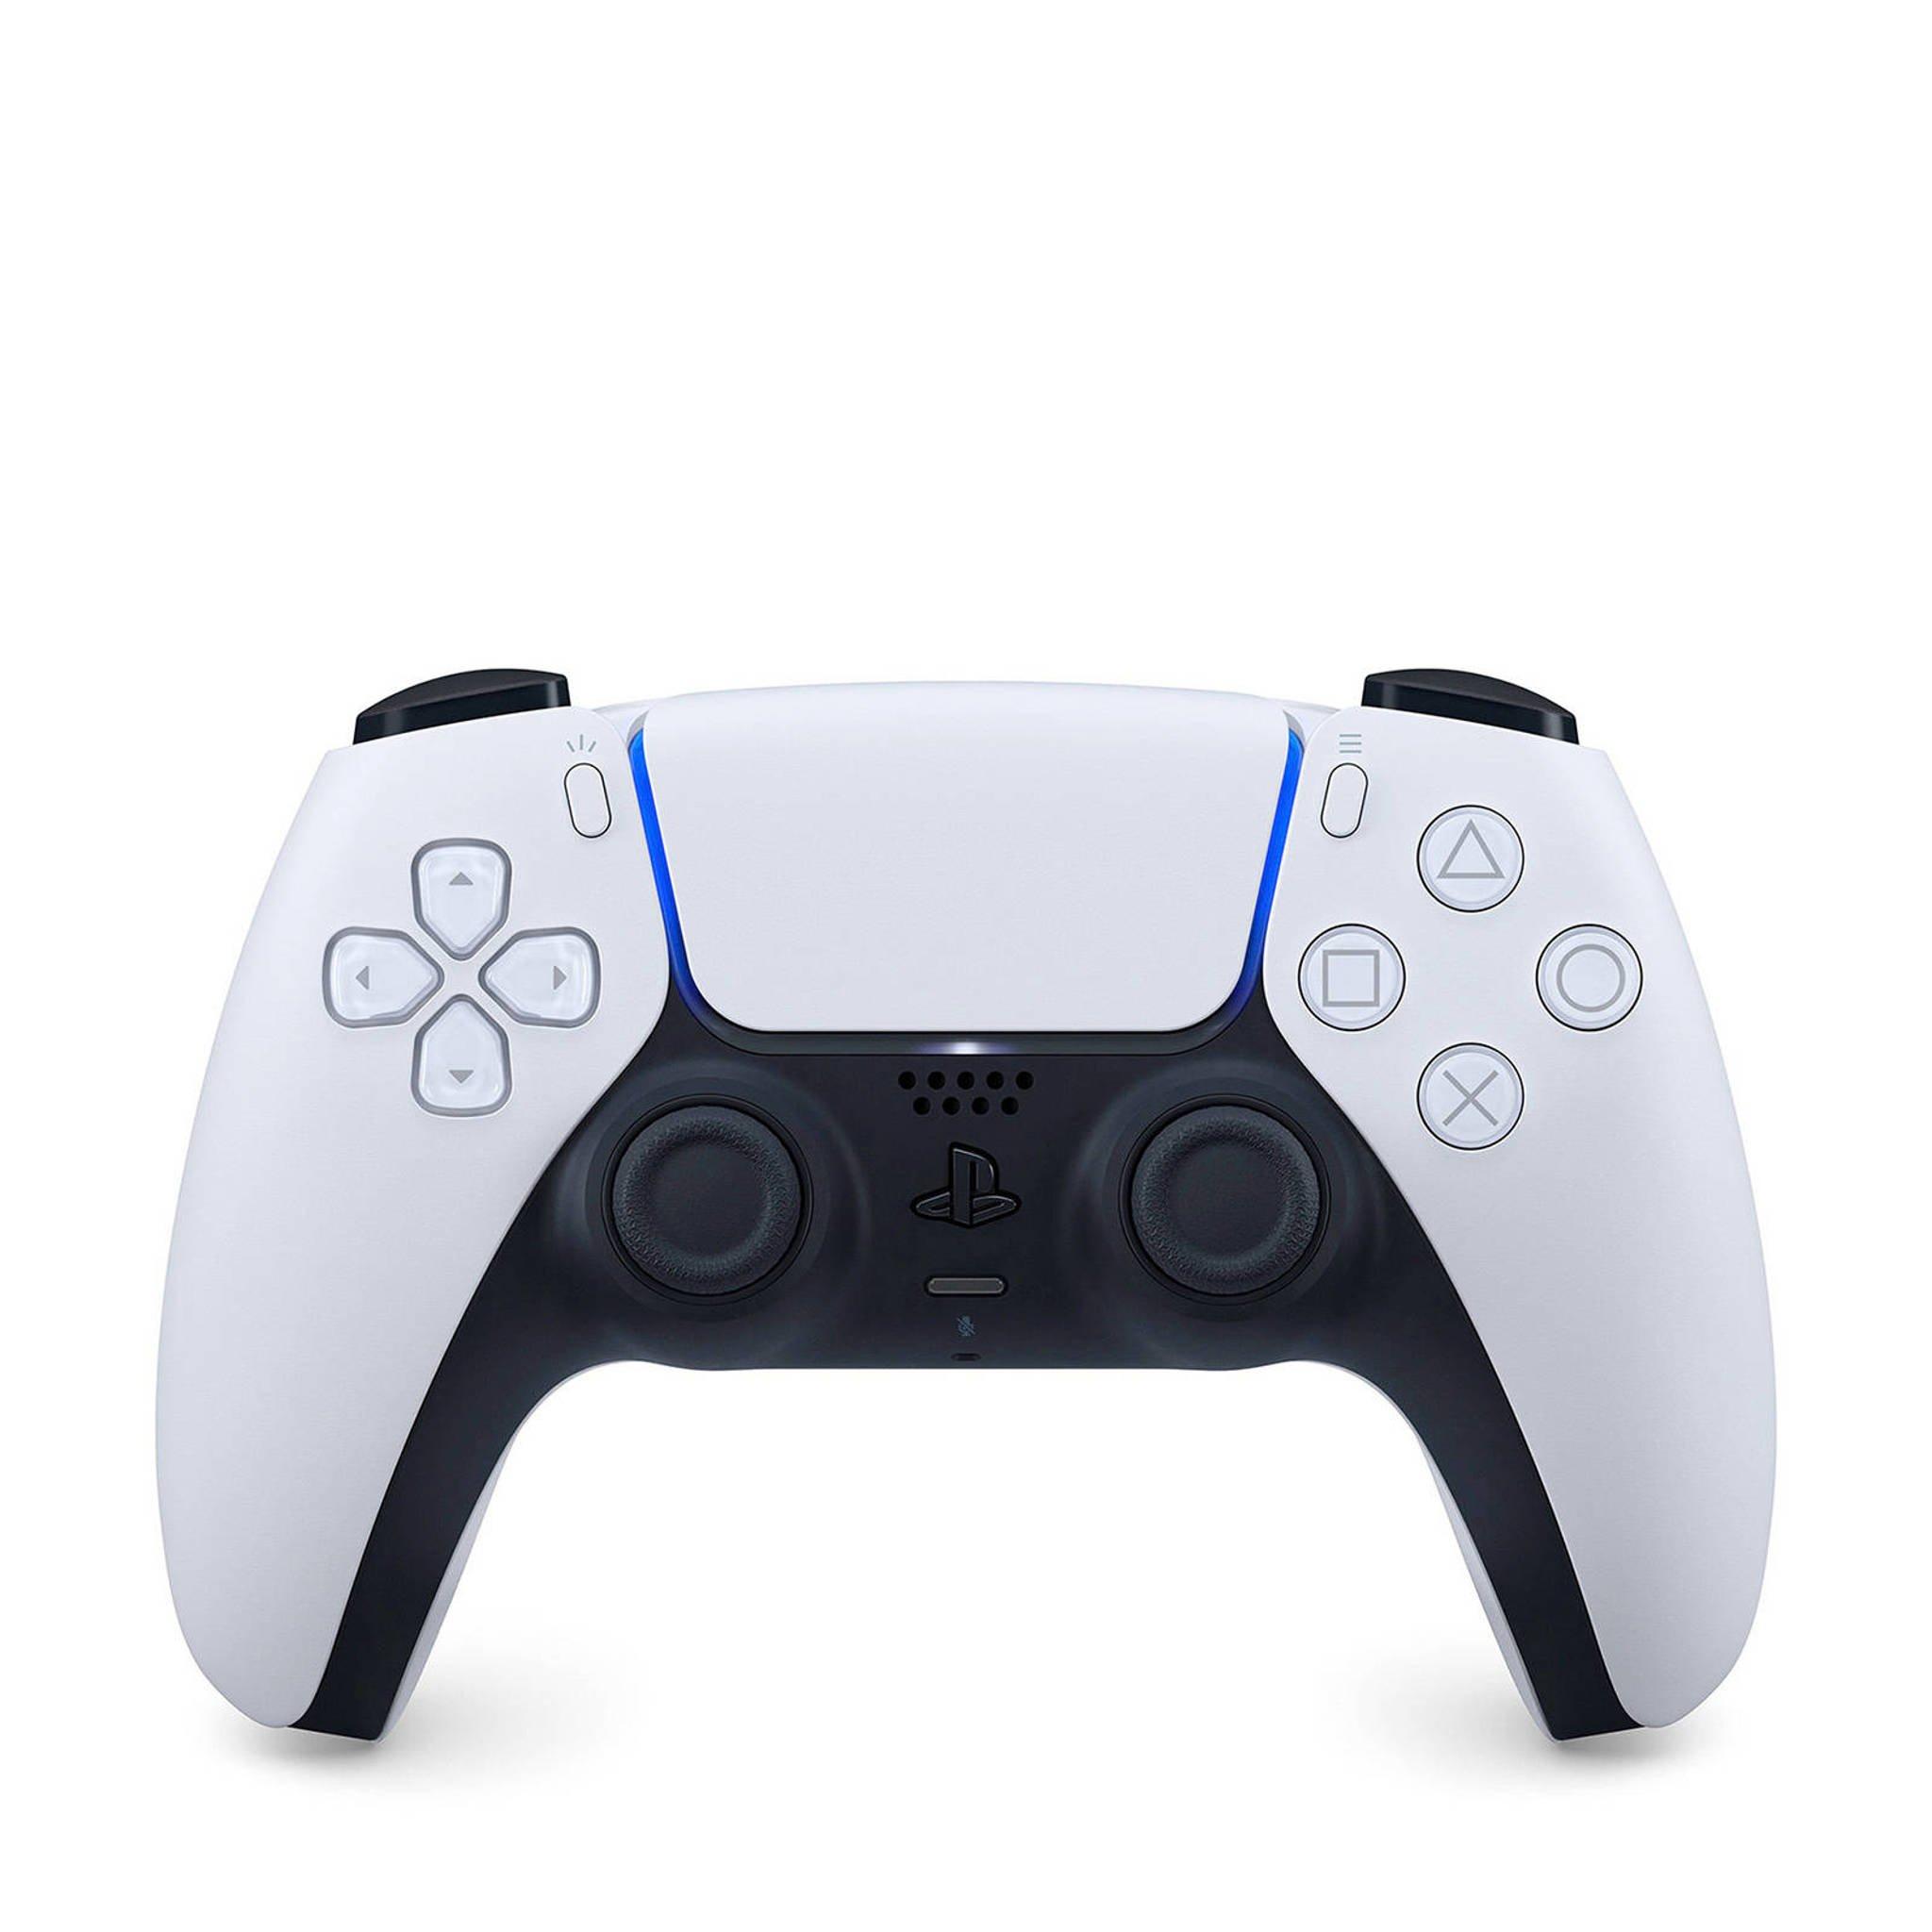 Sony PS5 DualSense draadloze controller, door annuleren Sackboy game @ Wehkamp